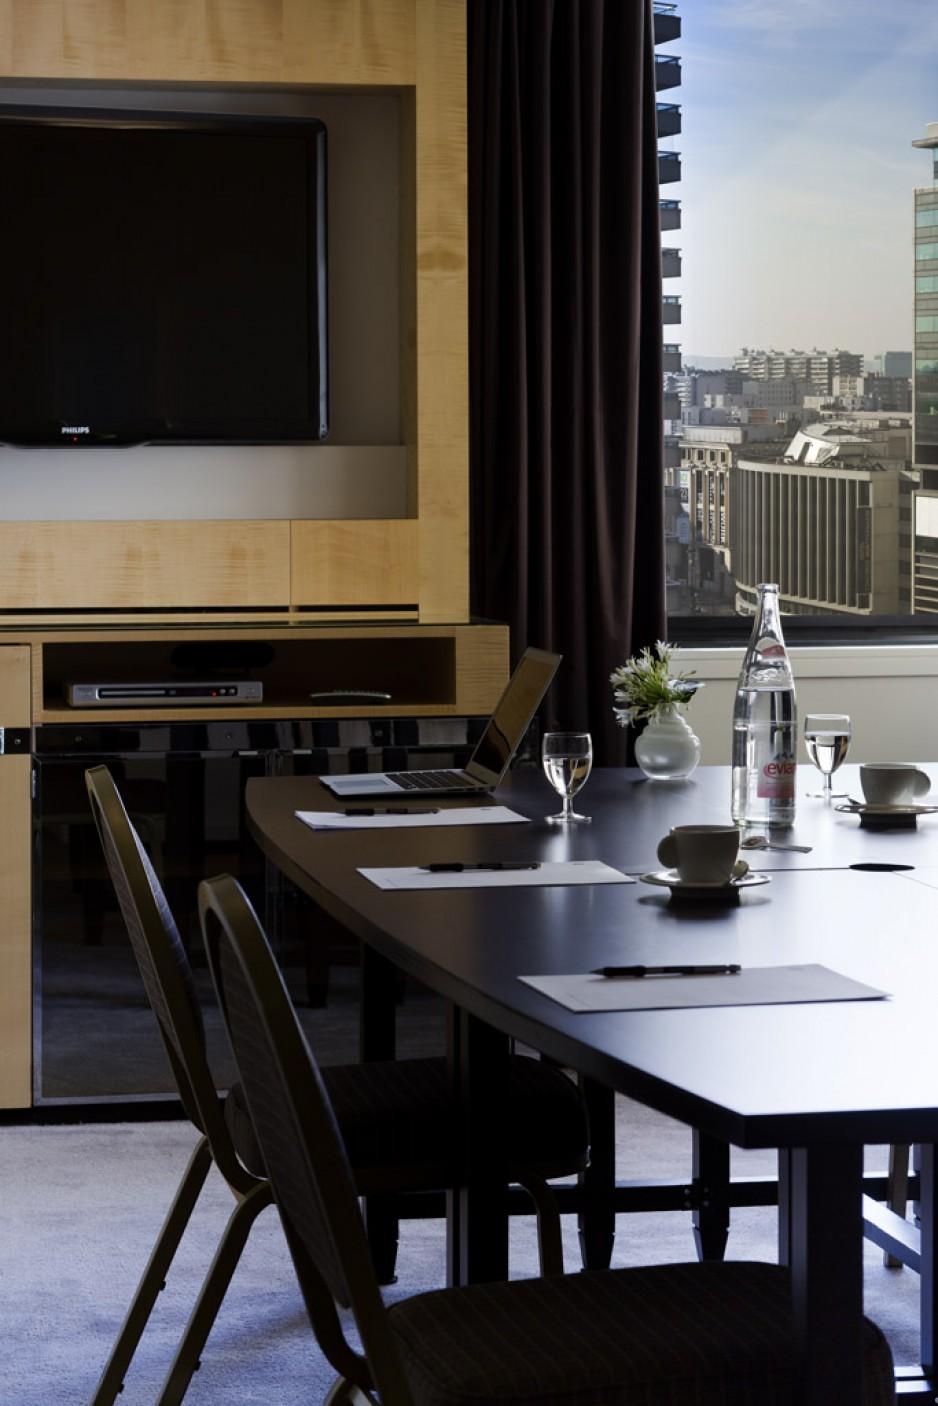 H tel journ e paris 14 montparnasse porte d 39 orl ans for Hotel porte orleans